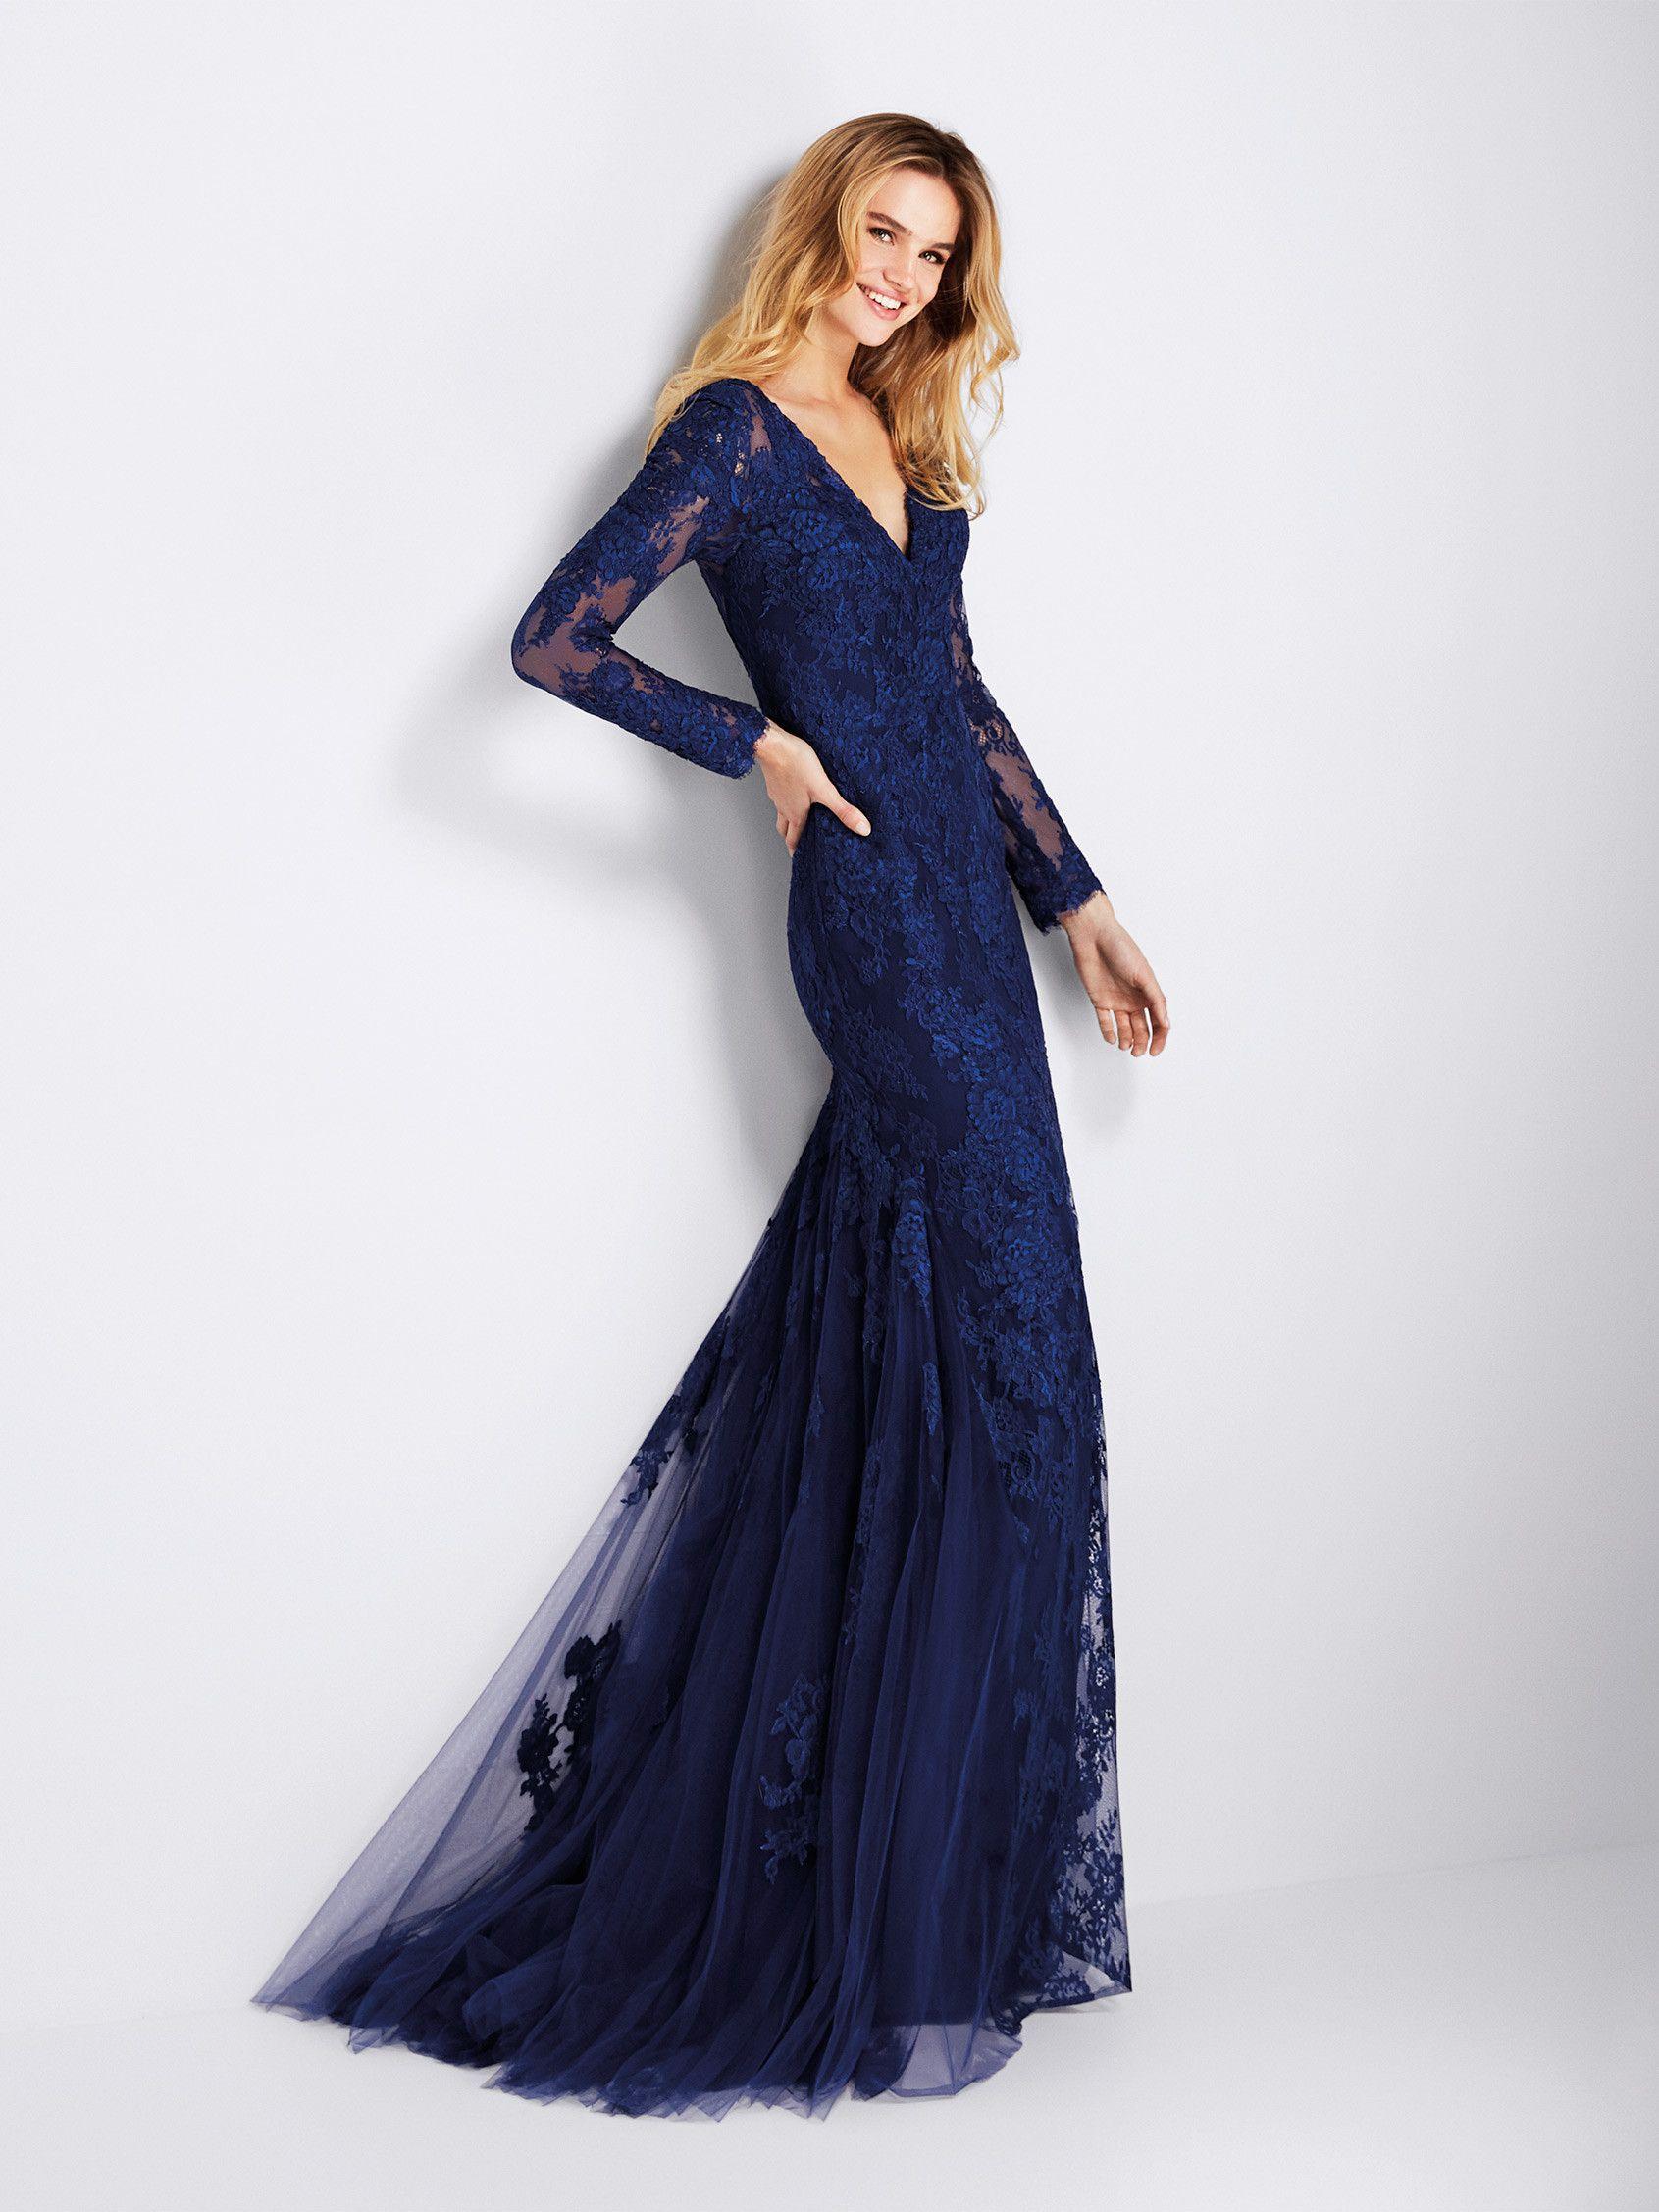 Compra Gento: Vestido de fiesta romántico de encaje y